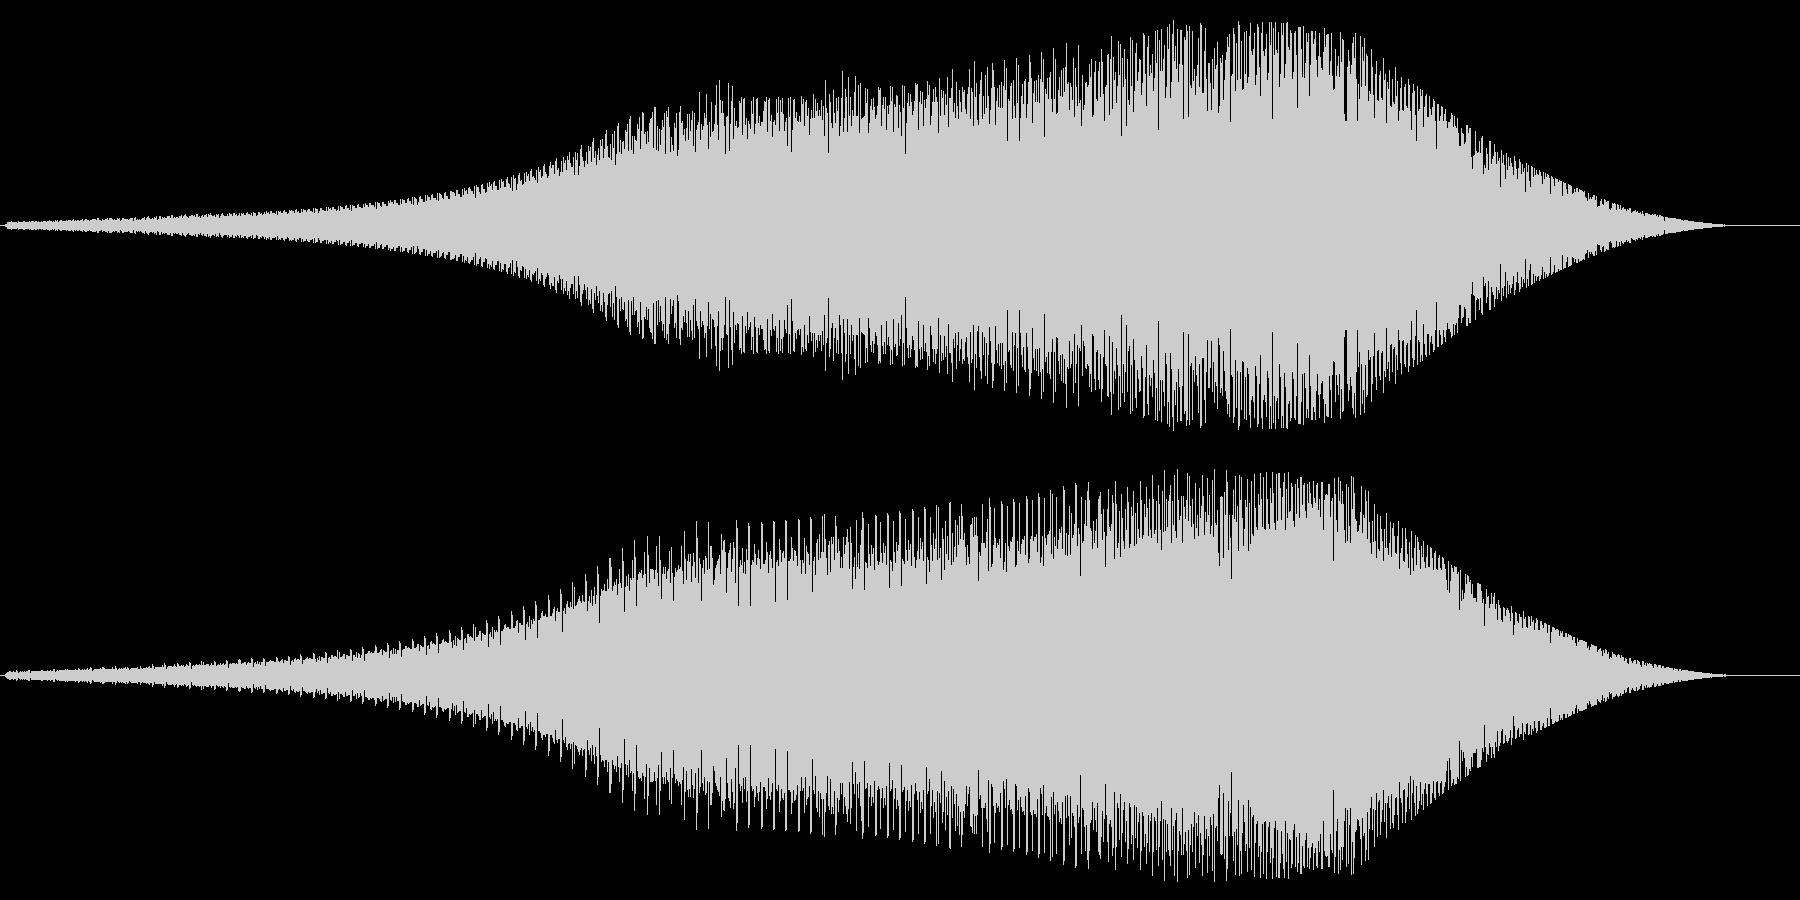 レーザービーム発射(バネのような音)の未再生の波形